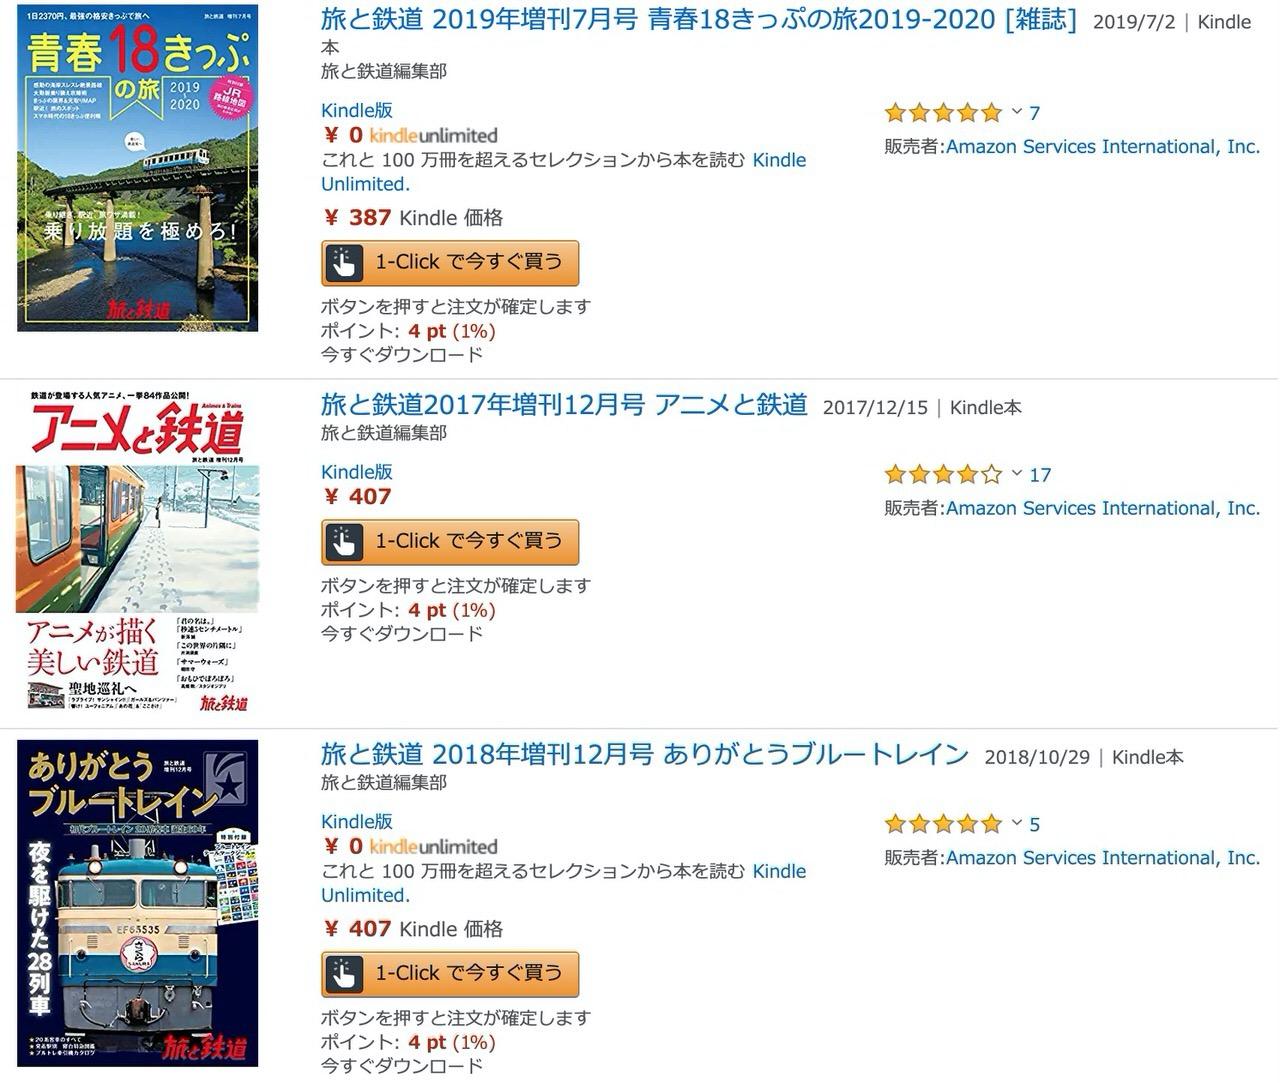 【Kindleセール】アニメと鉄道・夜行列車の冒険・青春18きっぷの旅など「春のお出かけフェア」(3/23まで)